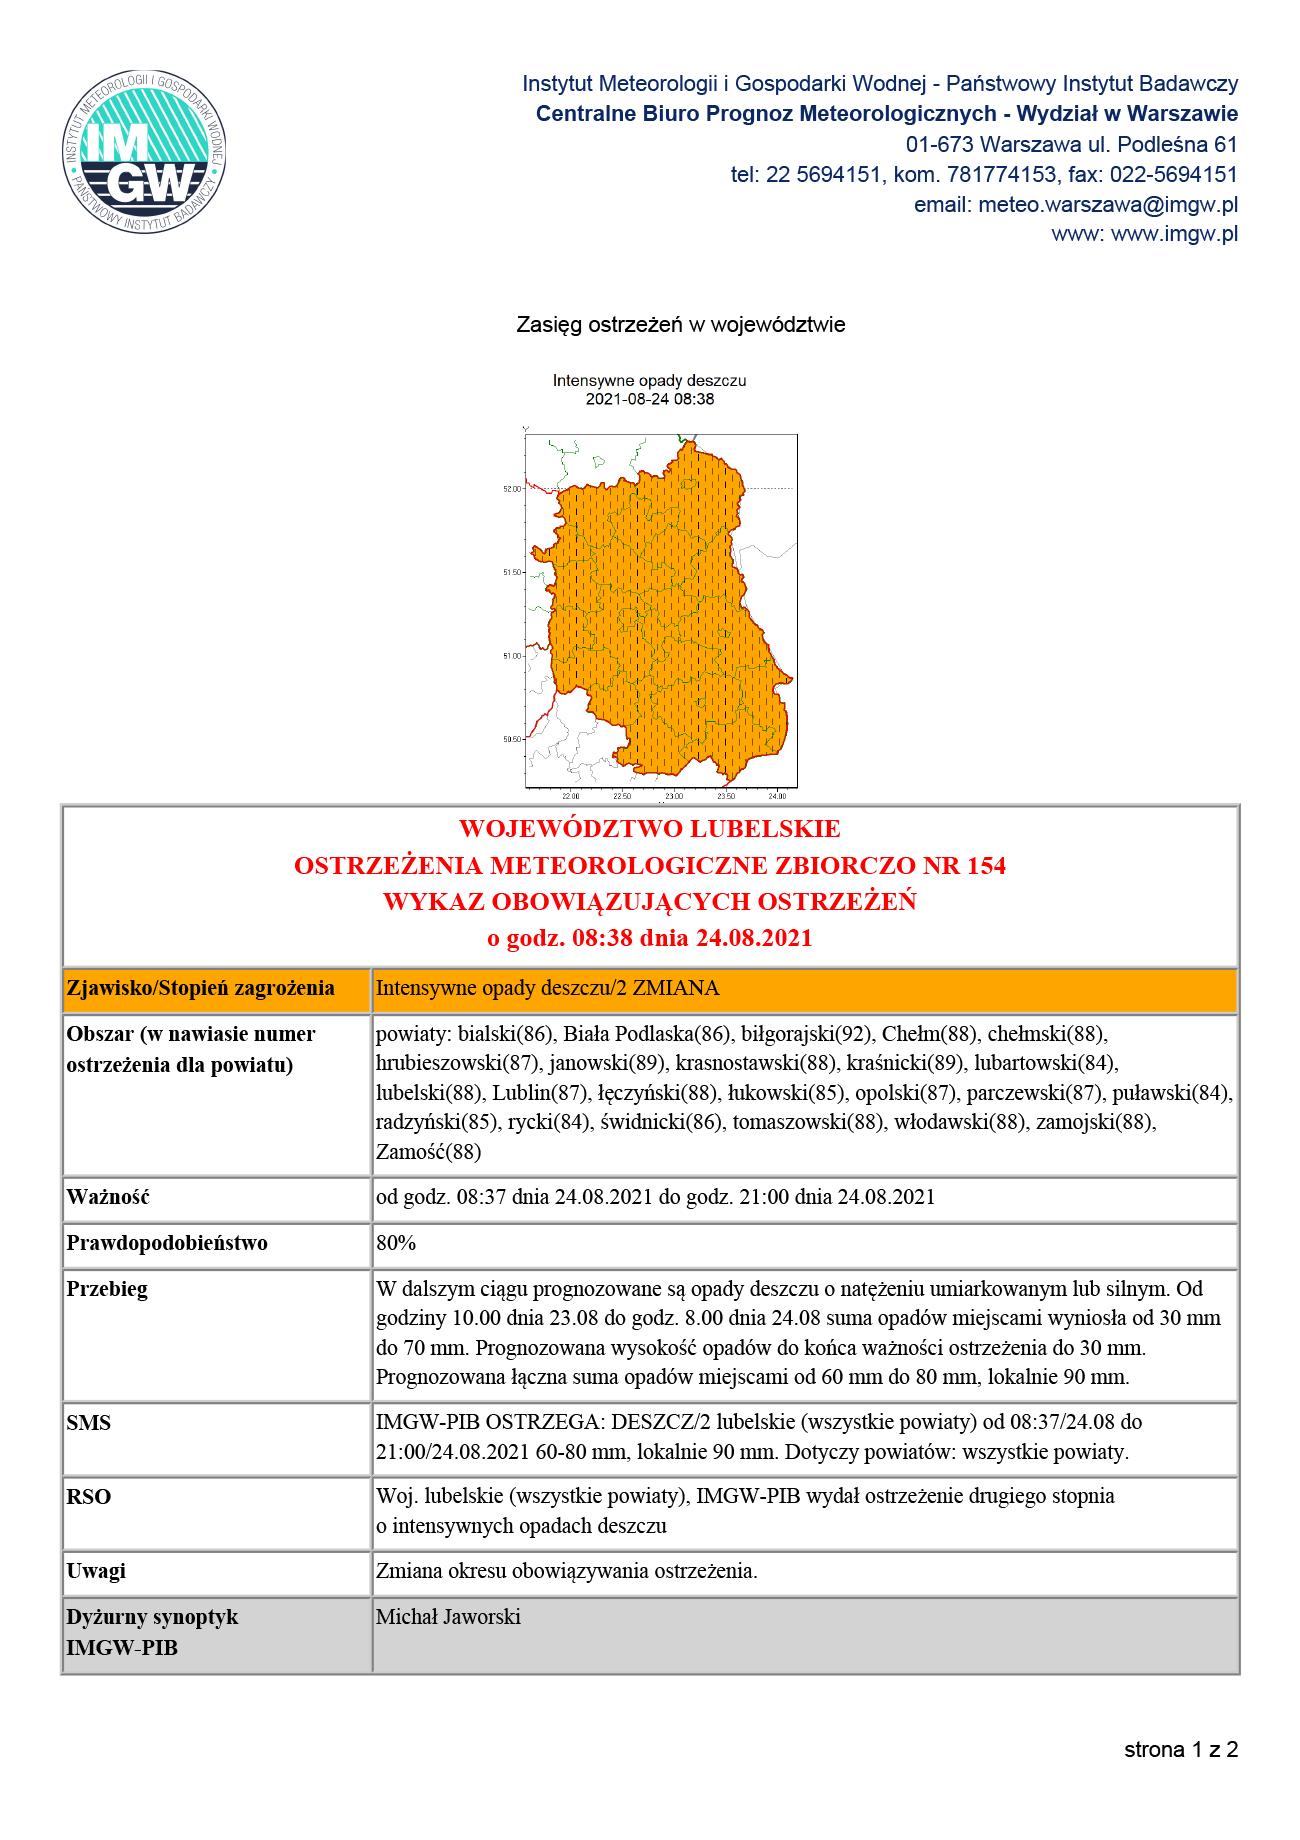 Ostrzeżenie IMGW przed intensywnymi opadami deszczu